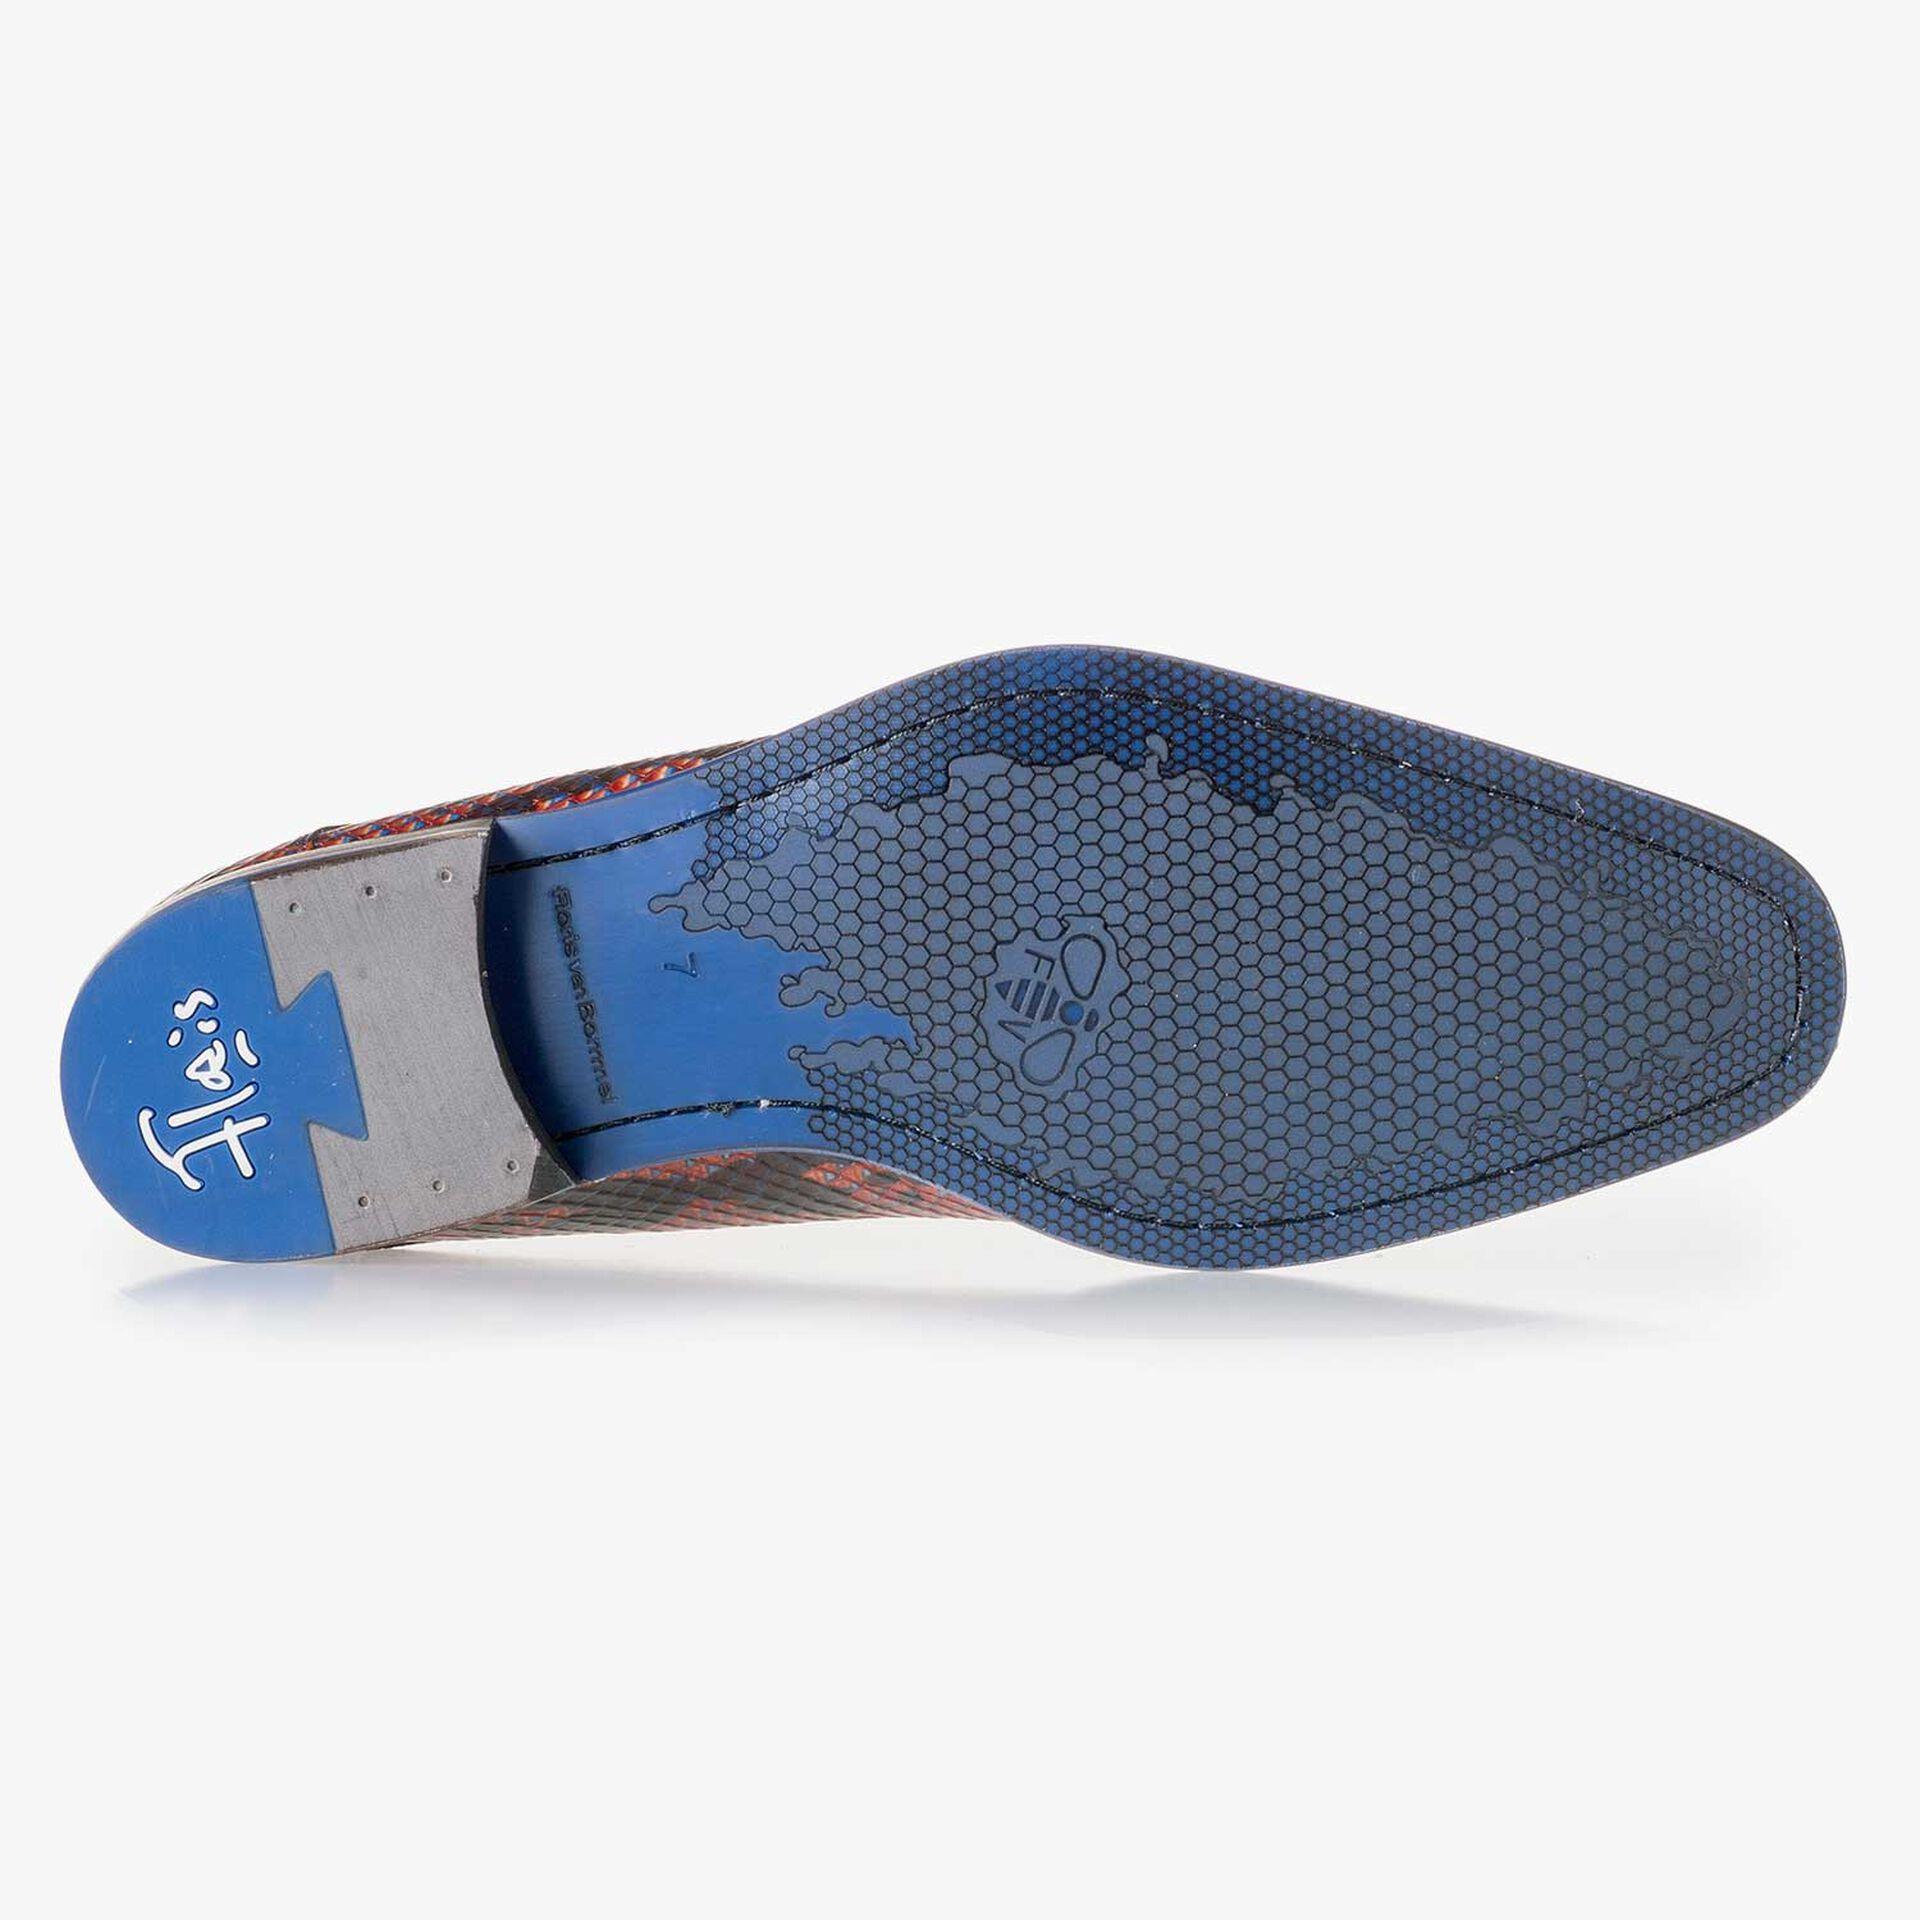 Blauer Leder Schnürschuh mit Schlangenprint